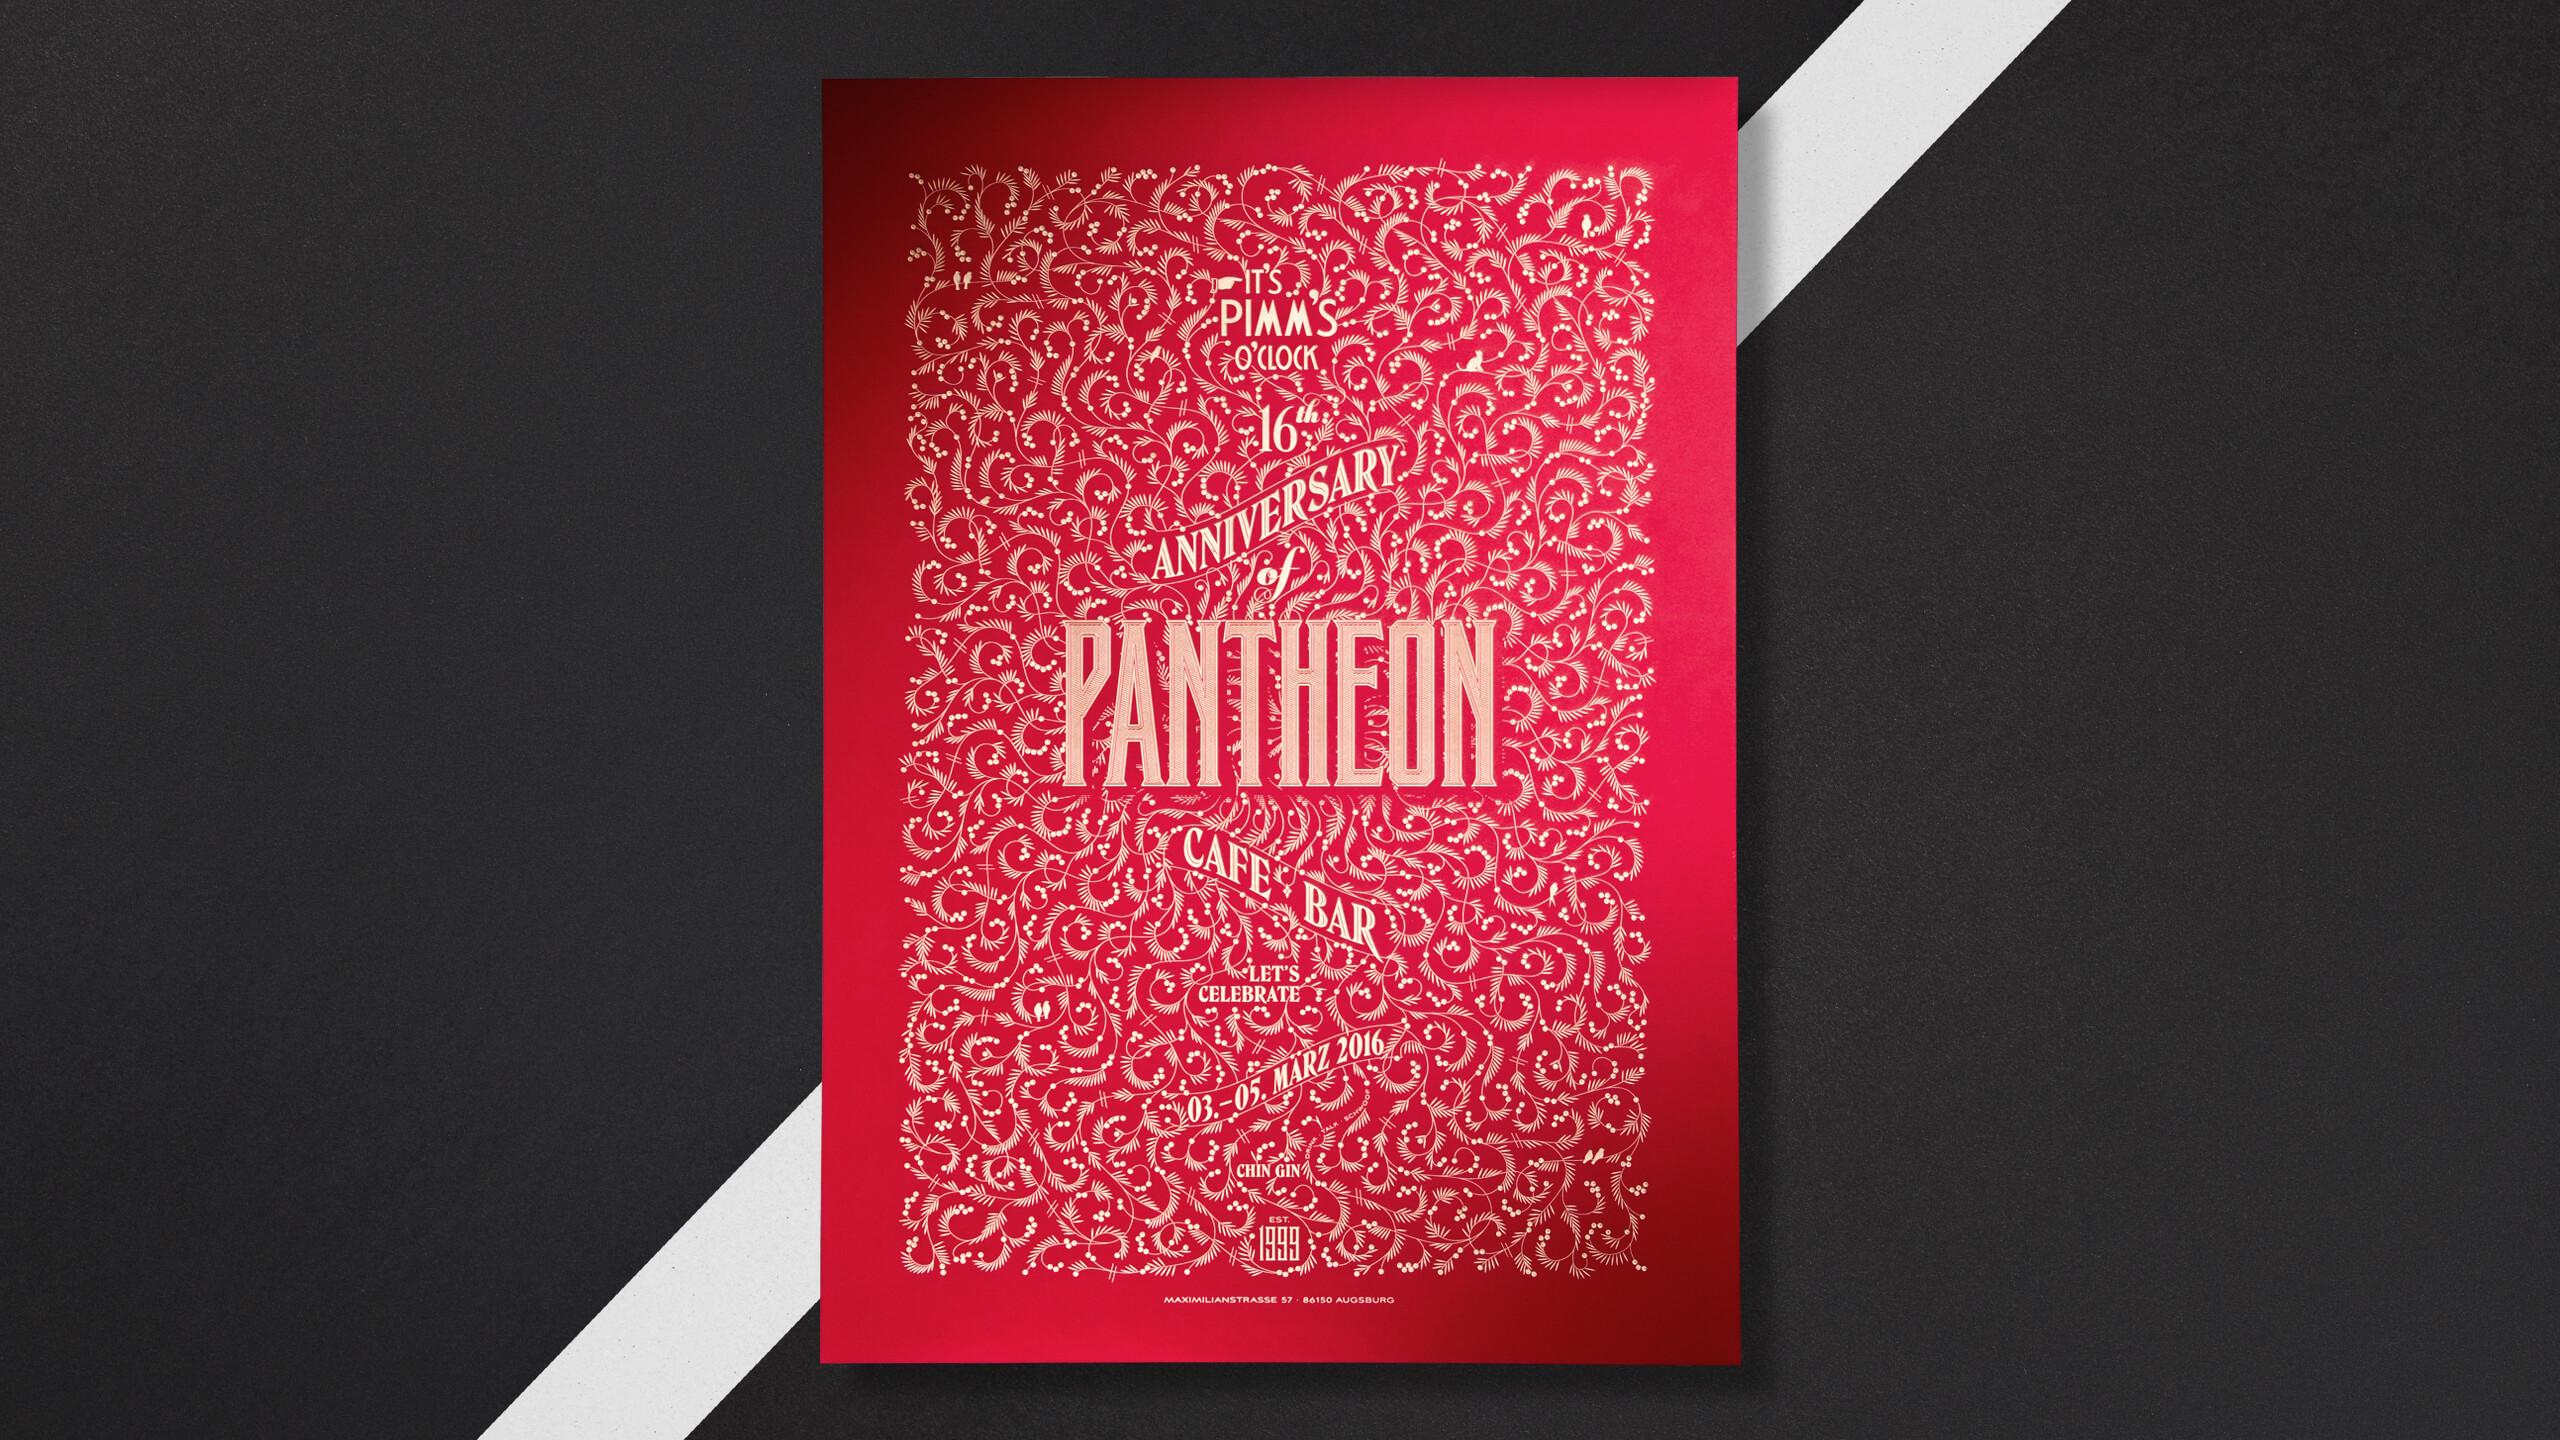 wirsindschoener_pantheon16th_3_2560x1440